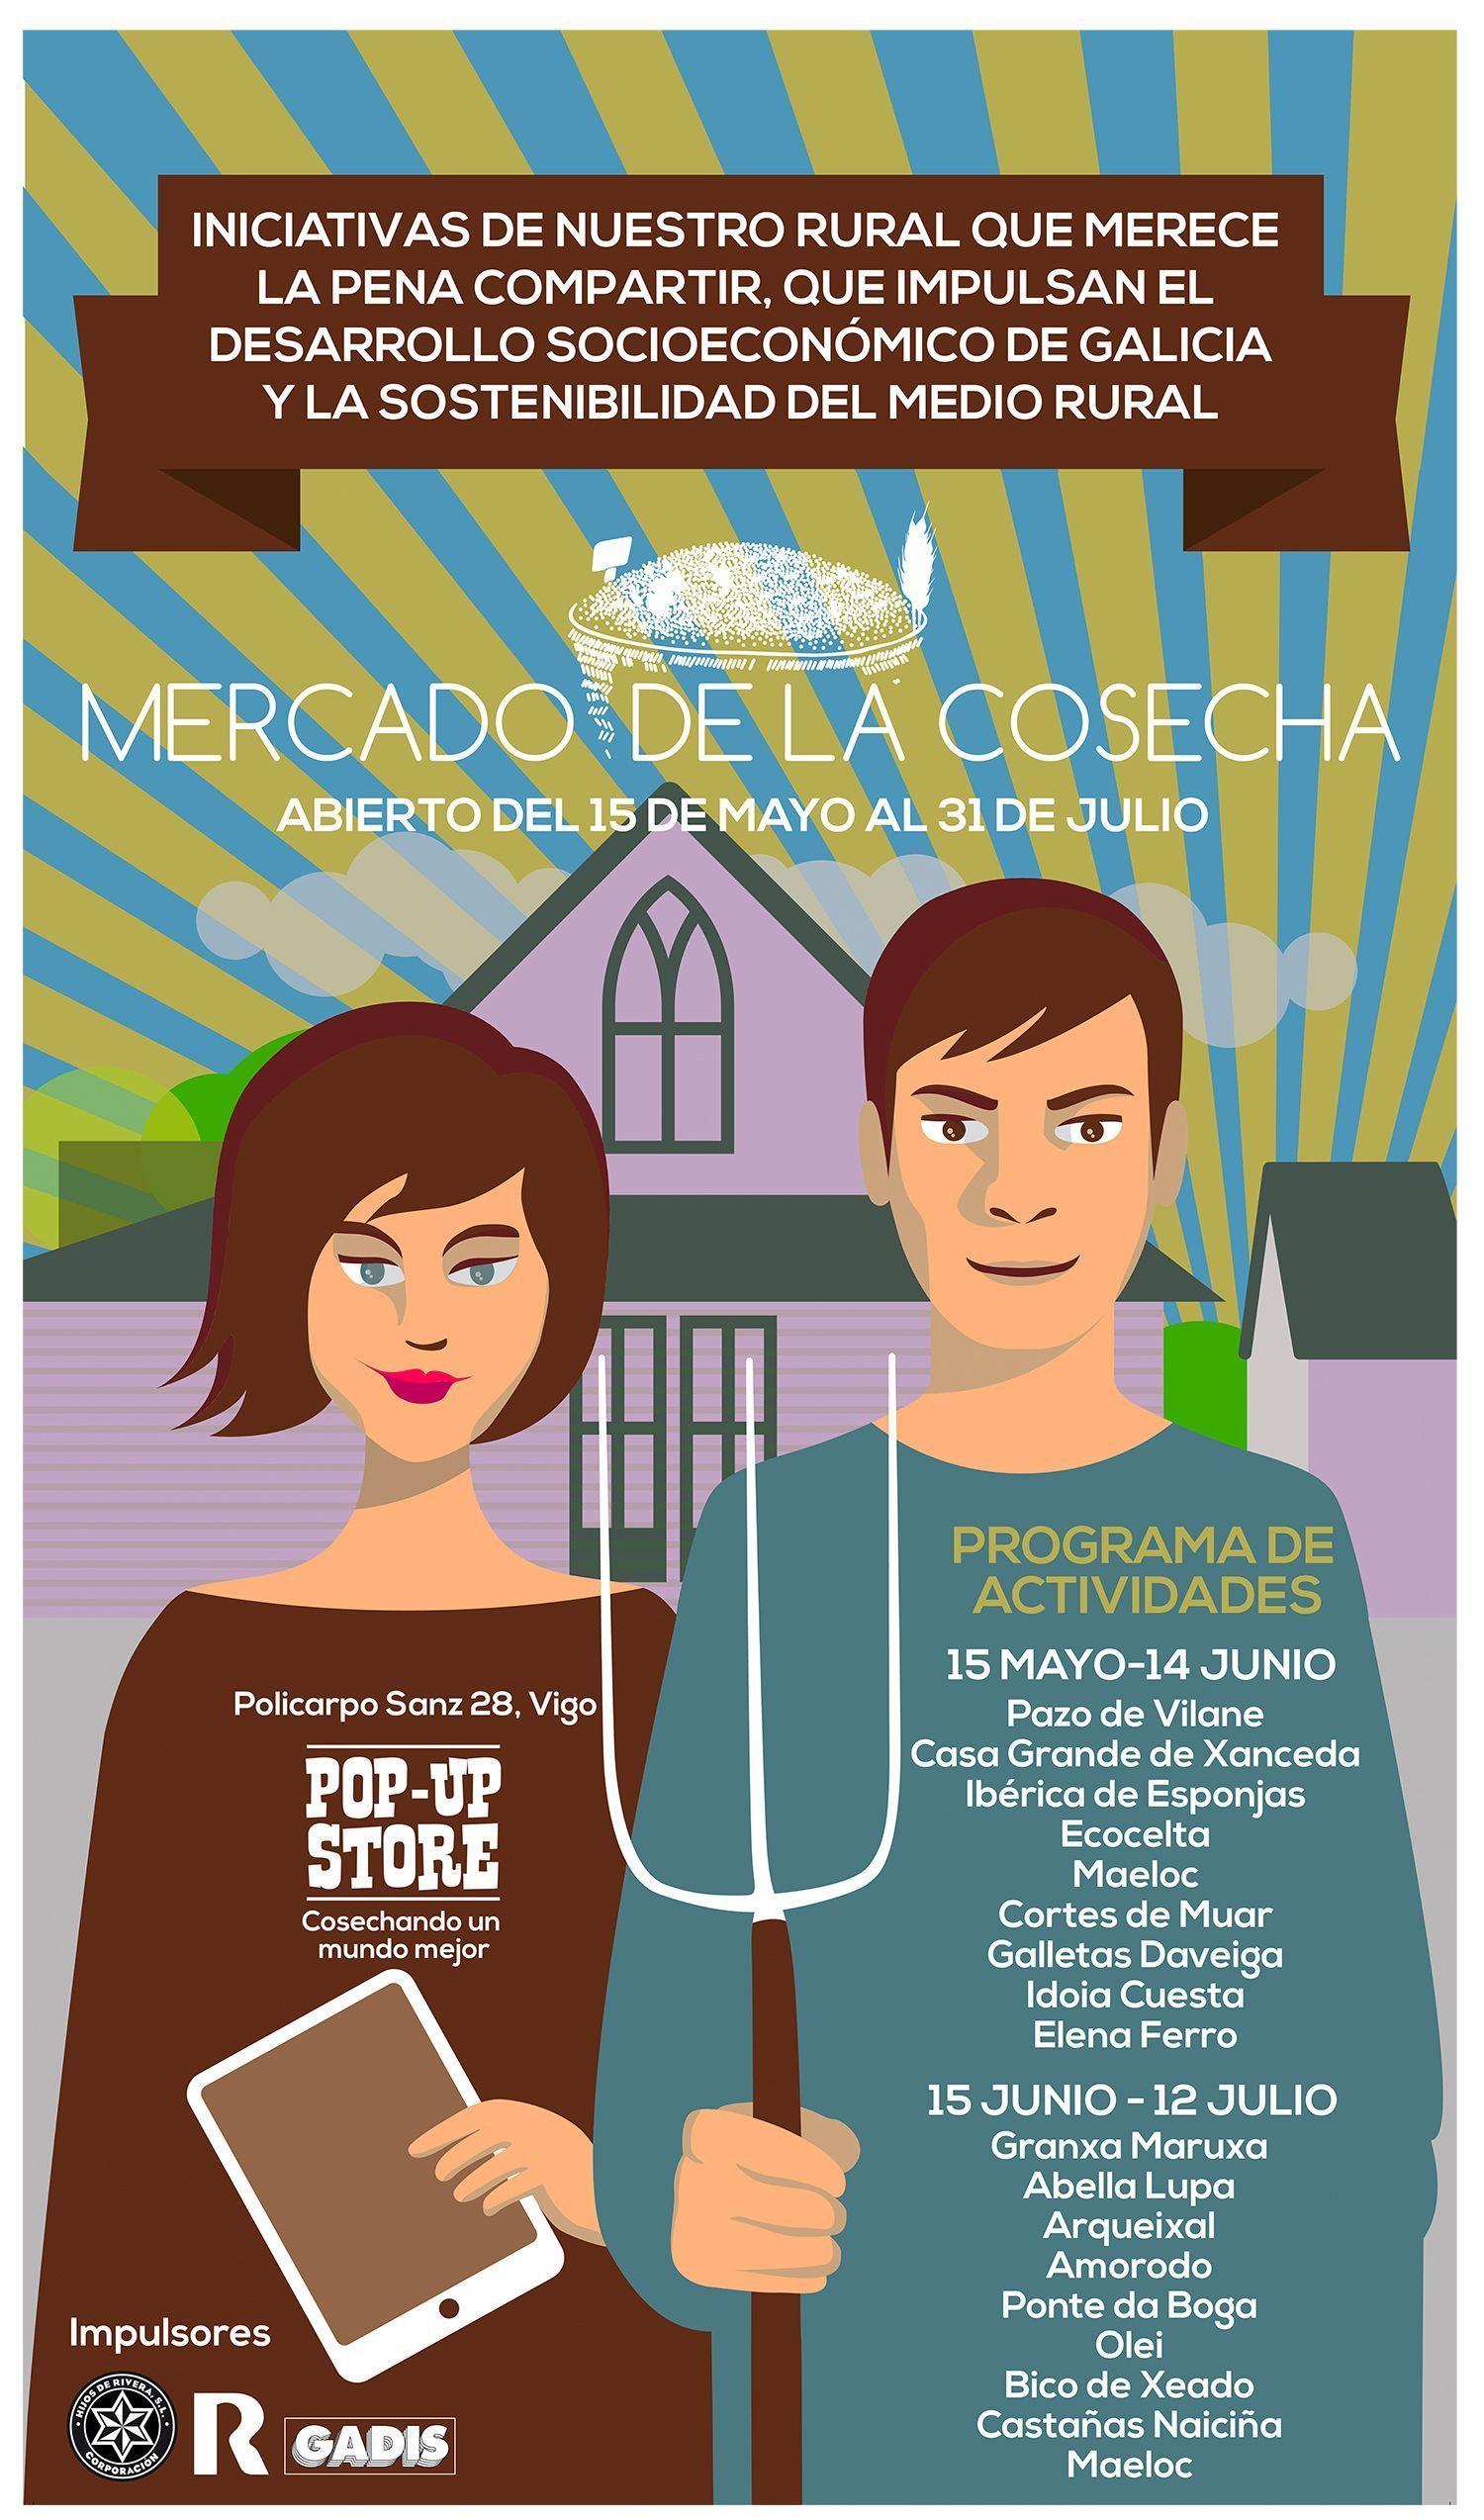 Pazo de Vilane participa en Vigo del pop – up store del Mercado de la Cosecha